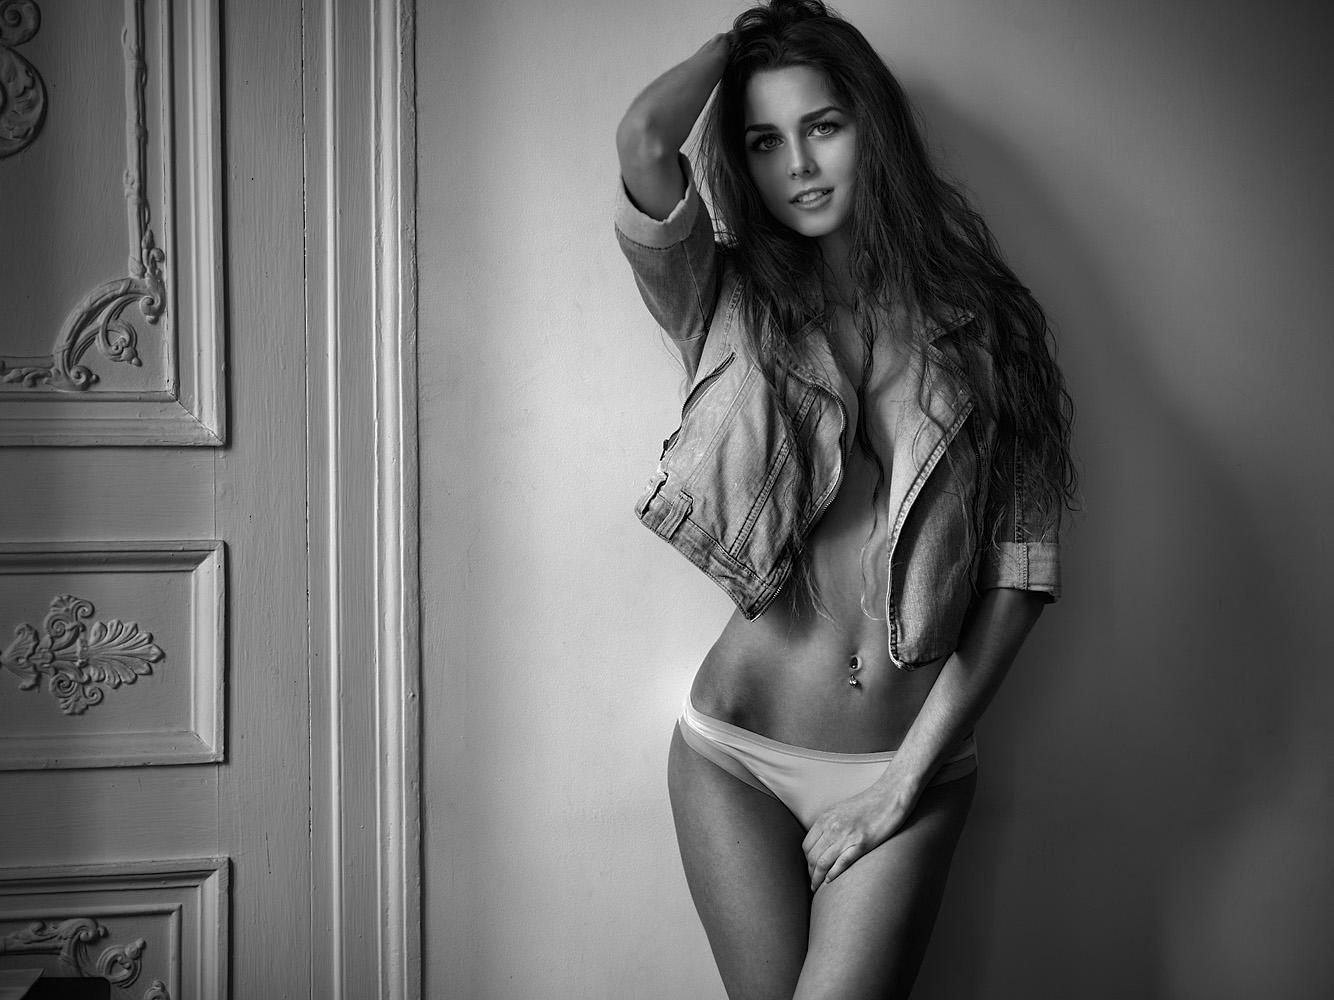 Juliette_0194